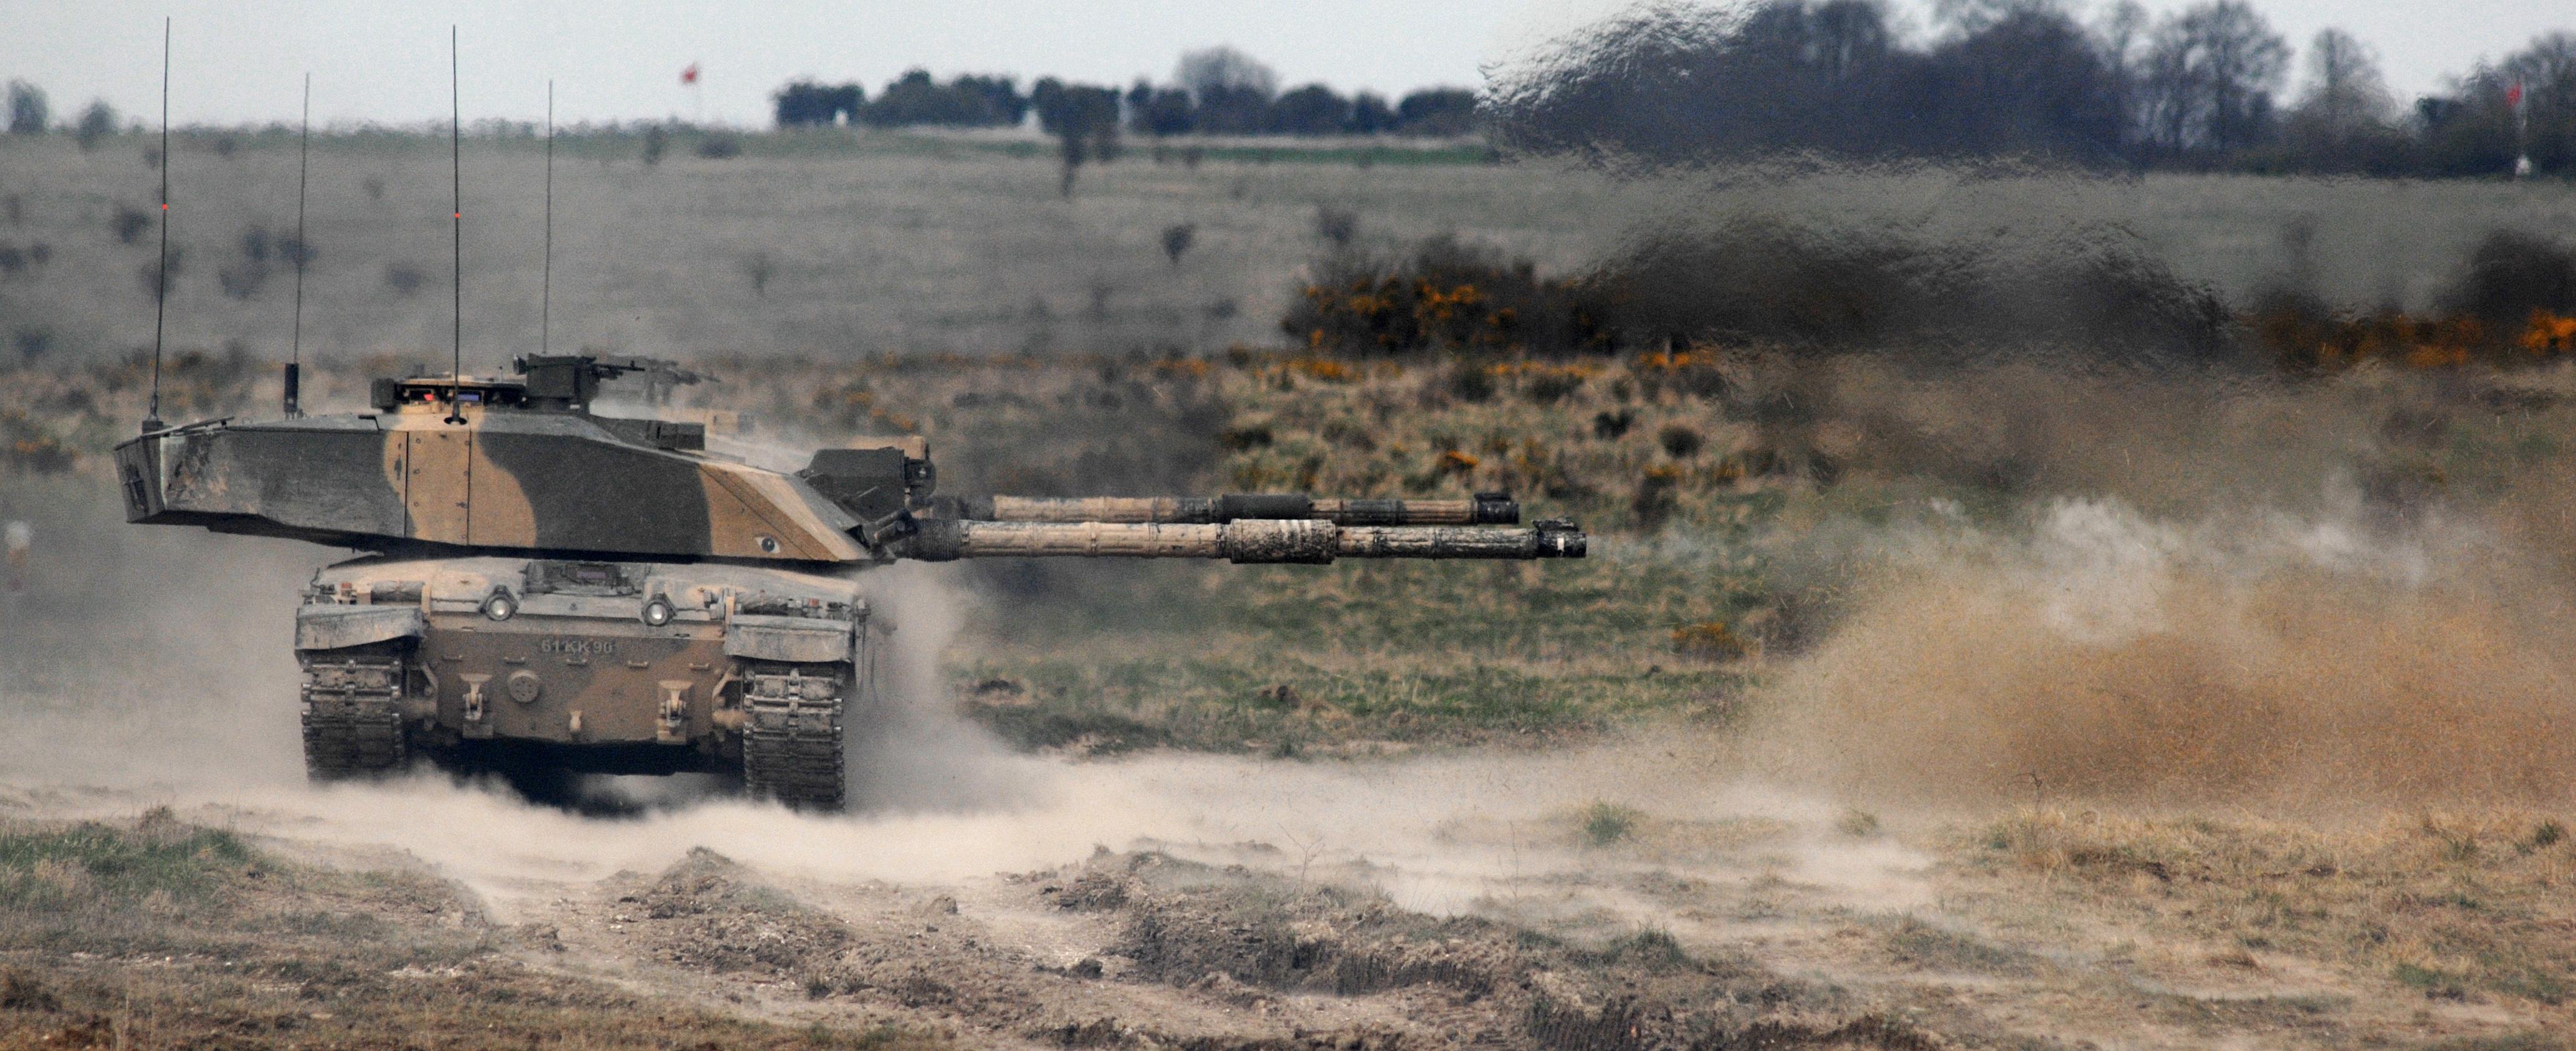 A Challenger 2 Main Battle Tank Fires A High Explosive